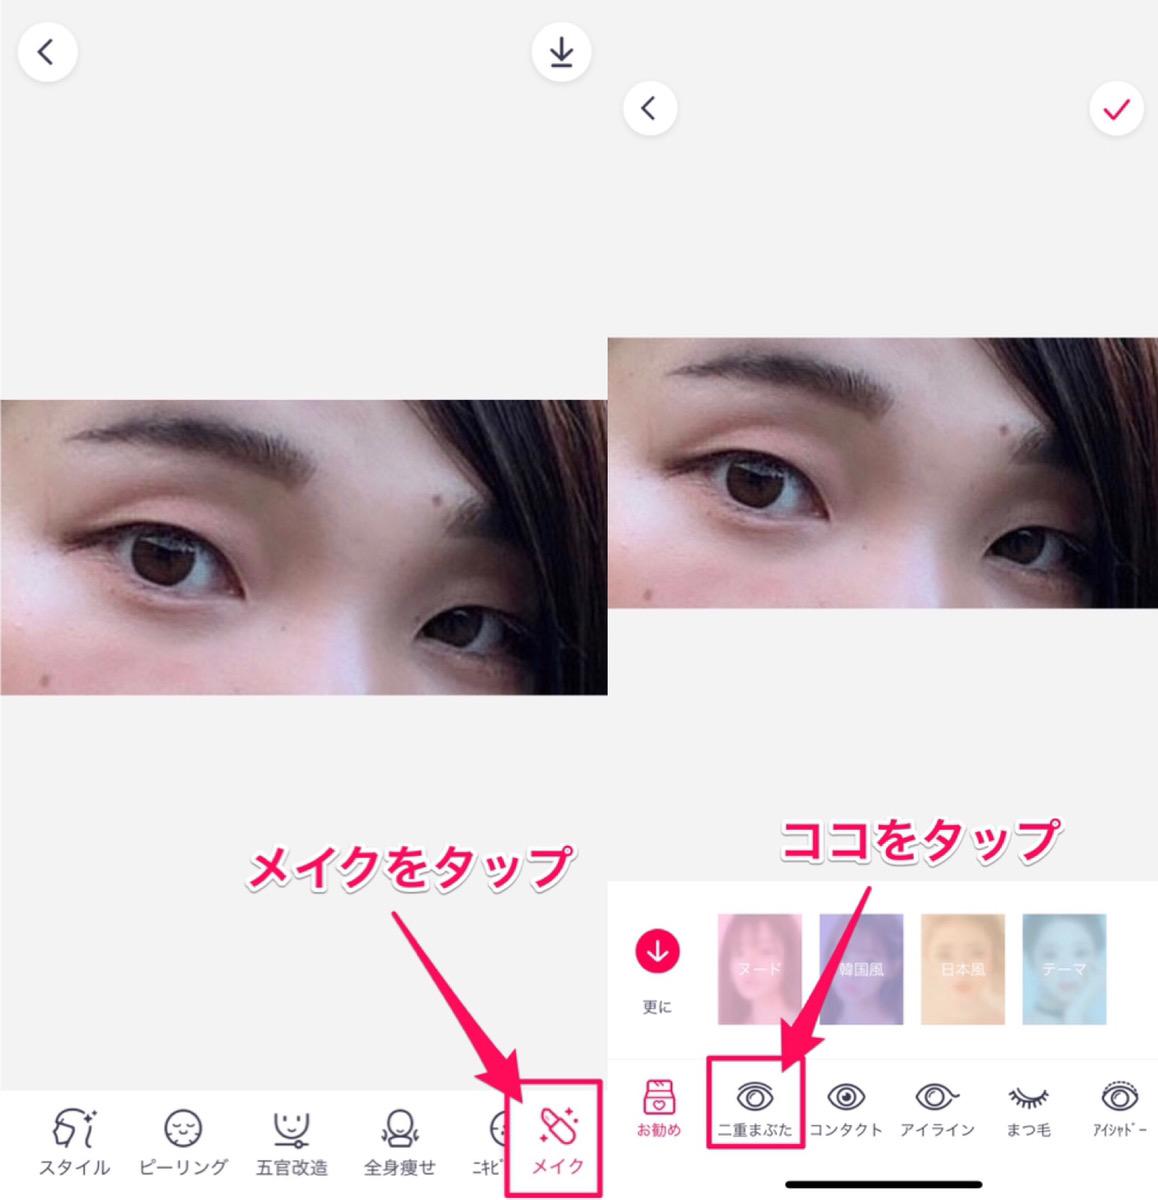 加工 アプリ メイク